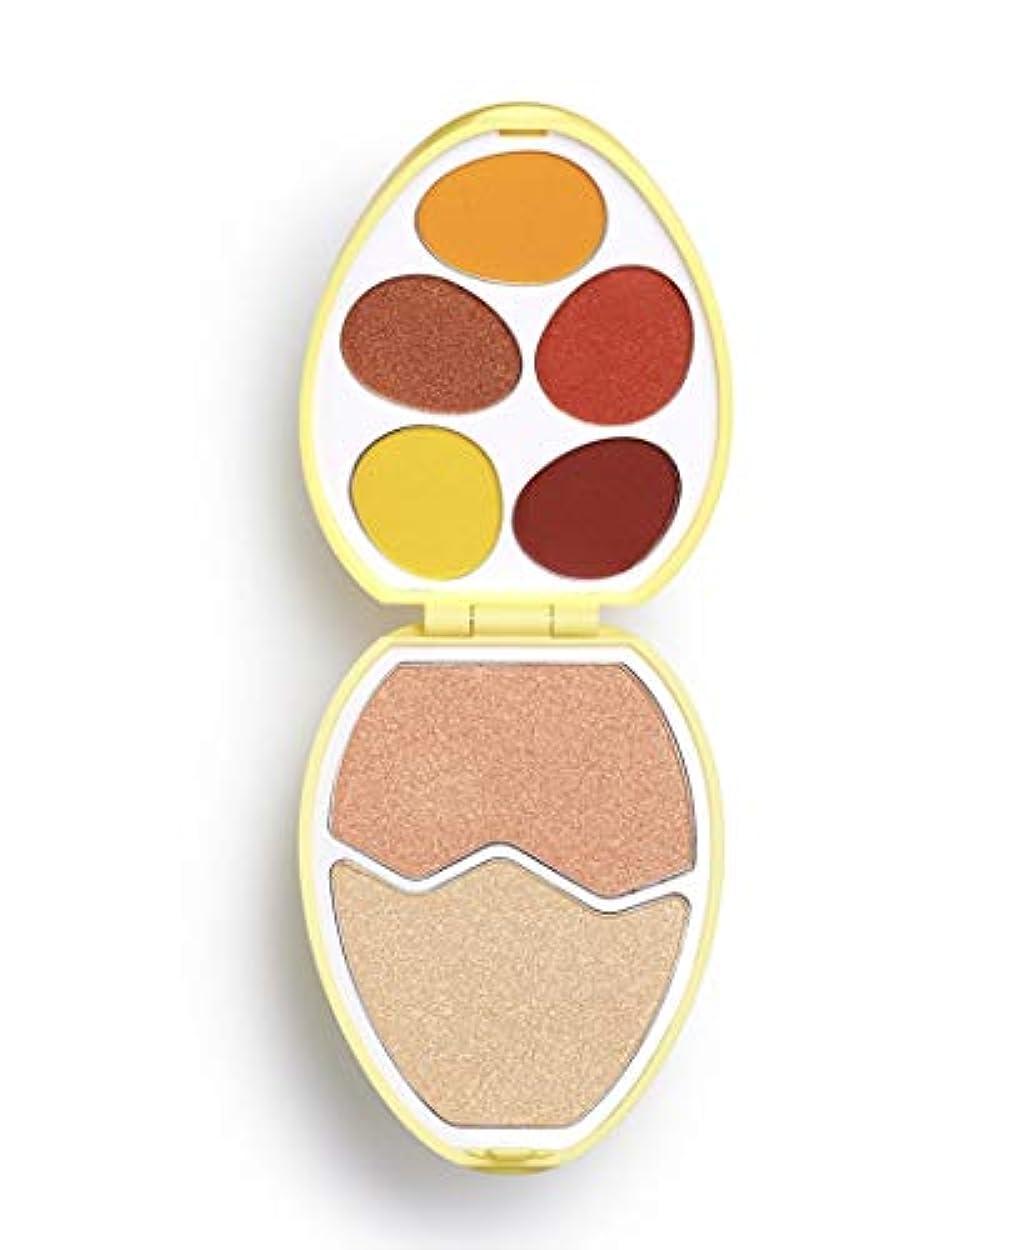 足証明するシステムメイクアップレボリューション 卵型パレット アイシャドウ&ハイライター I Heart Revolution Easter Egg #Chick